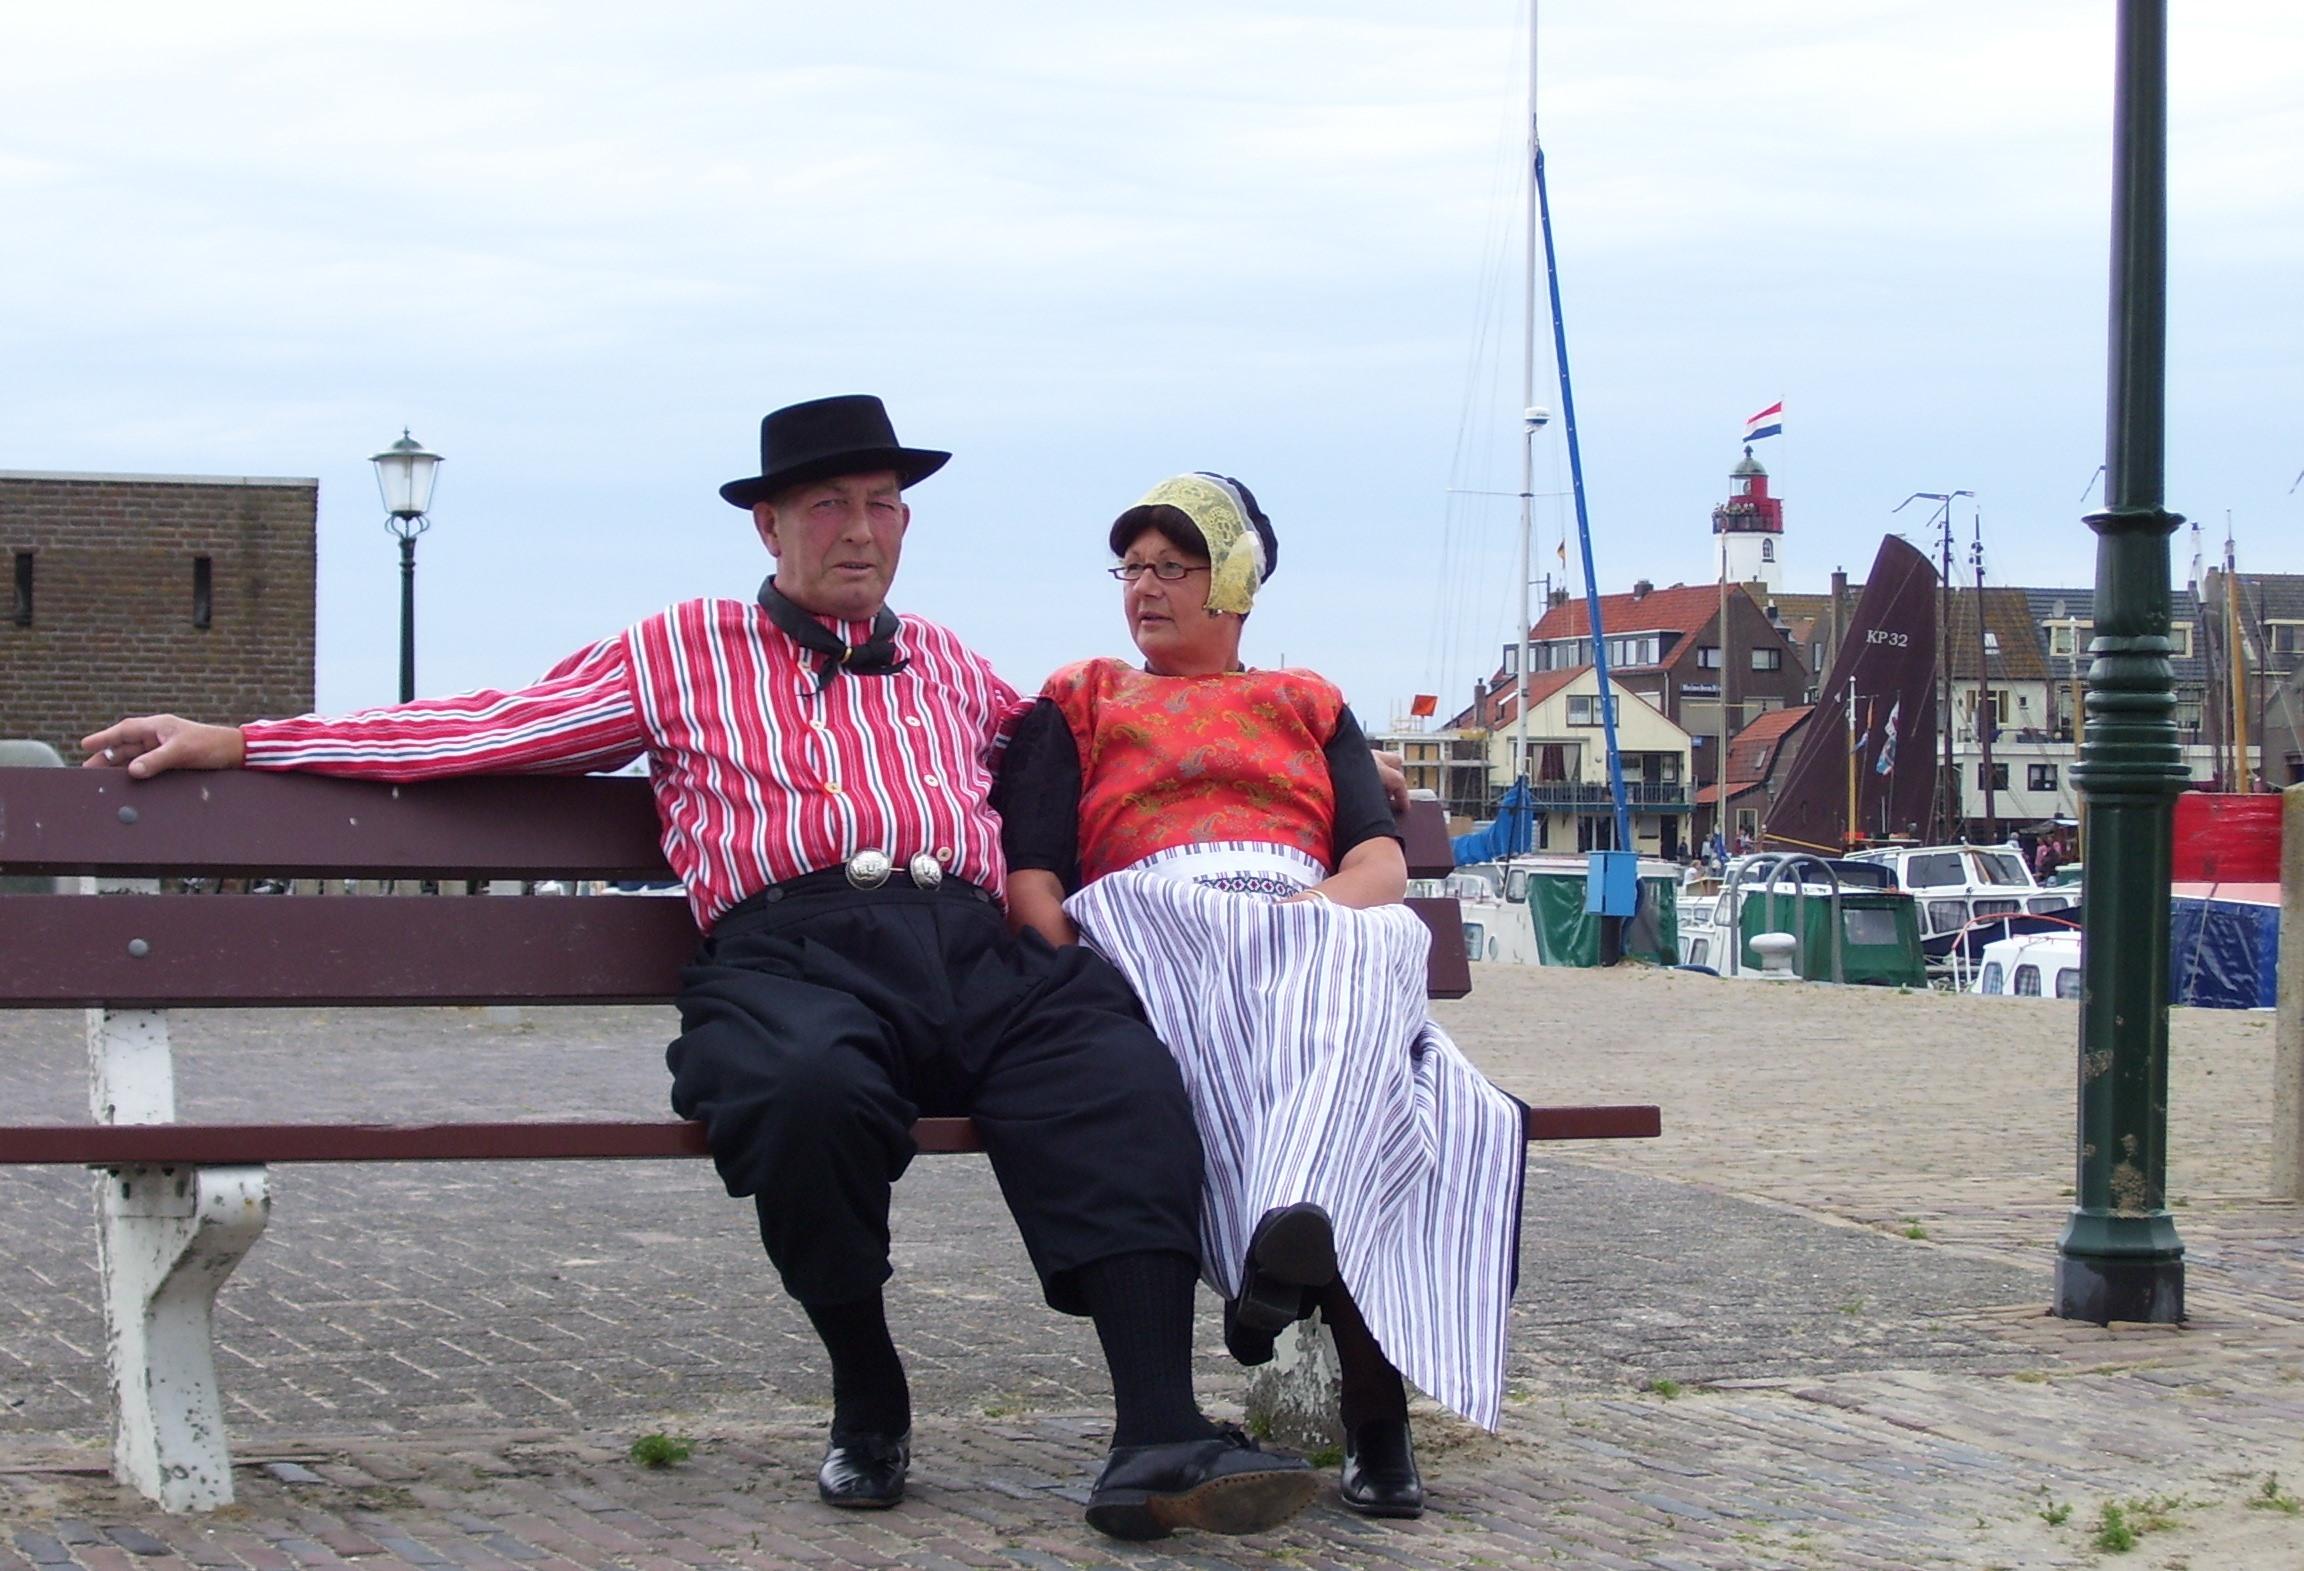 Paar in Tracht im Westhaven von Url